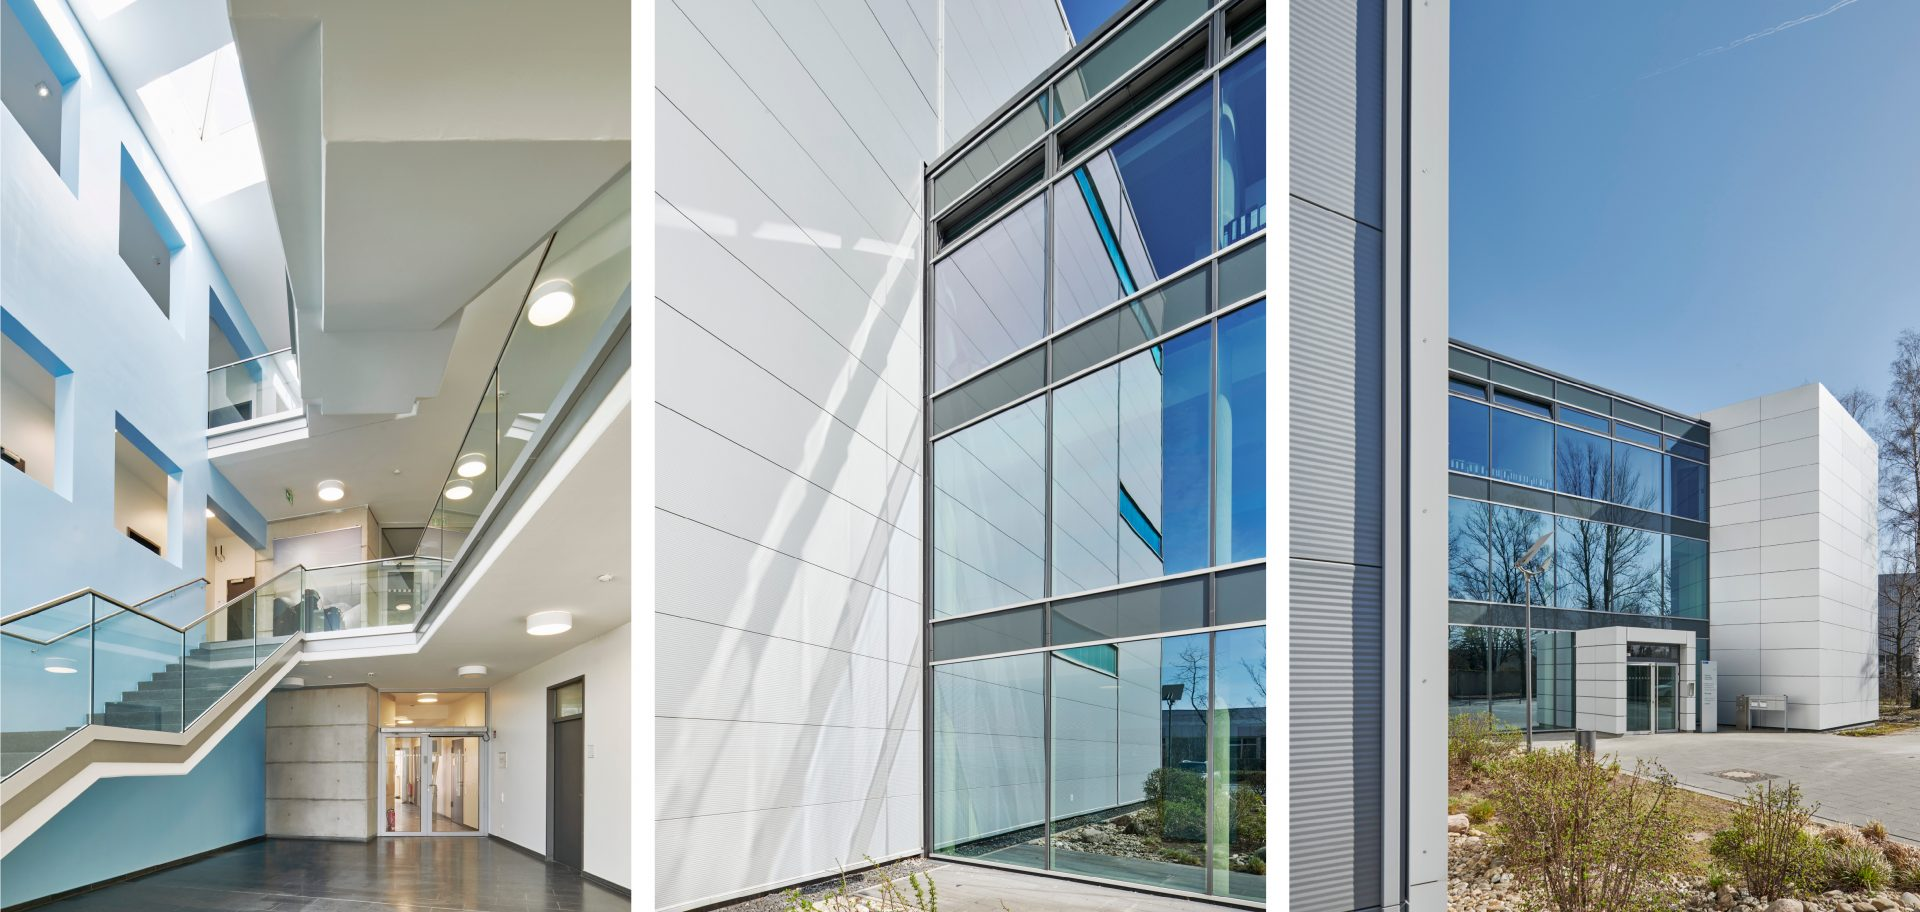 https://www.stricker-architekten.de/projekte/aufstockung-testzentrum-tragstrukturen/